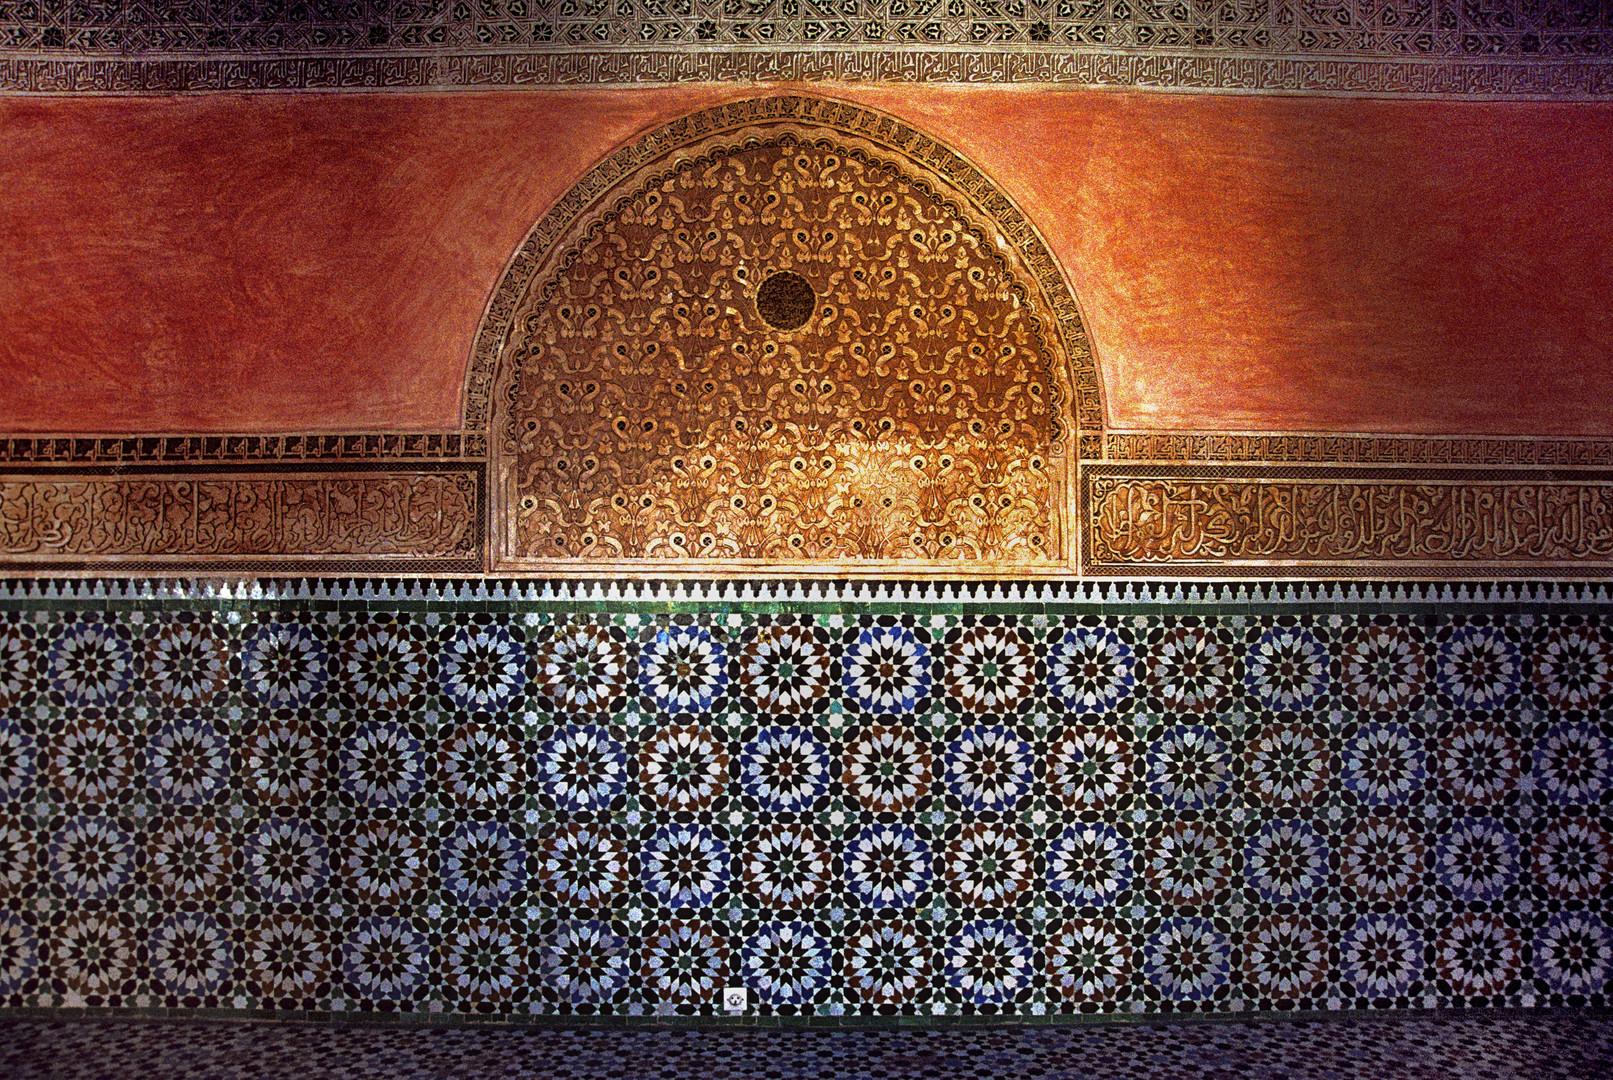 Medersa Ben Yussef in Marrakech